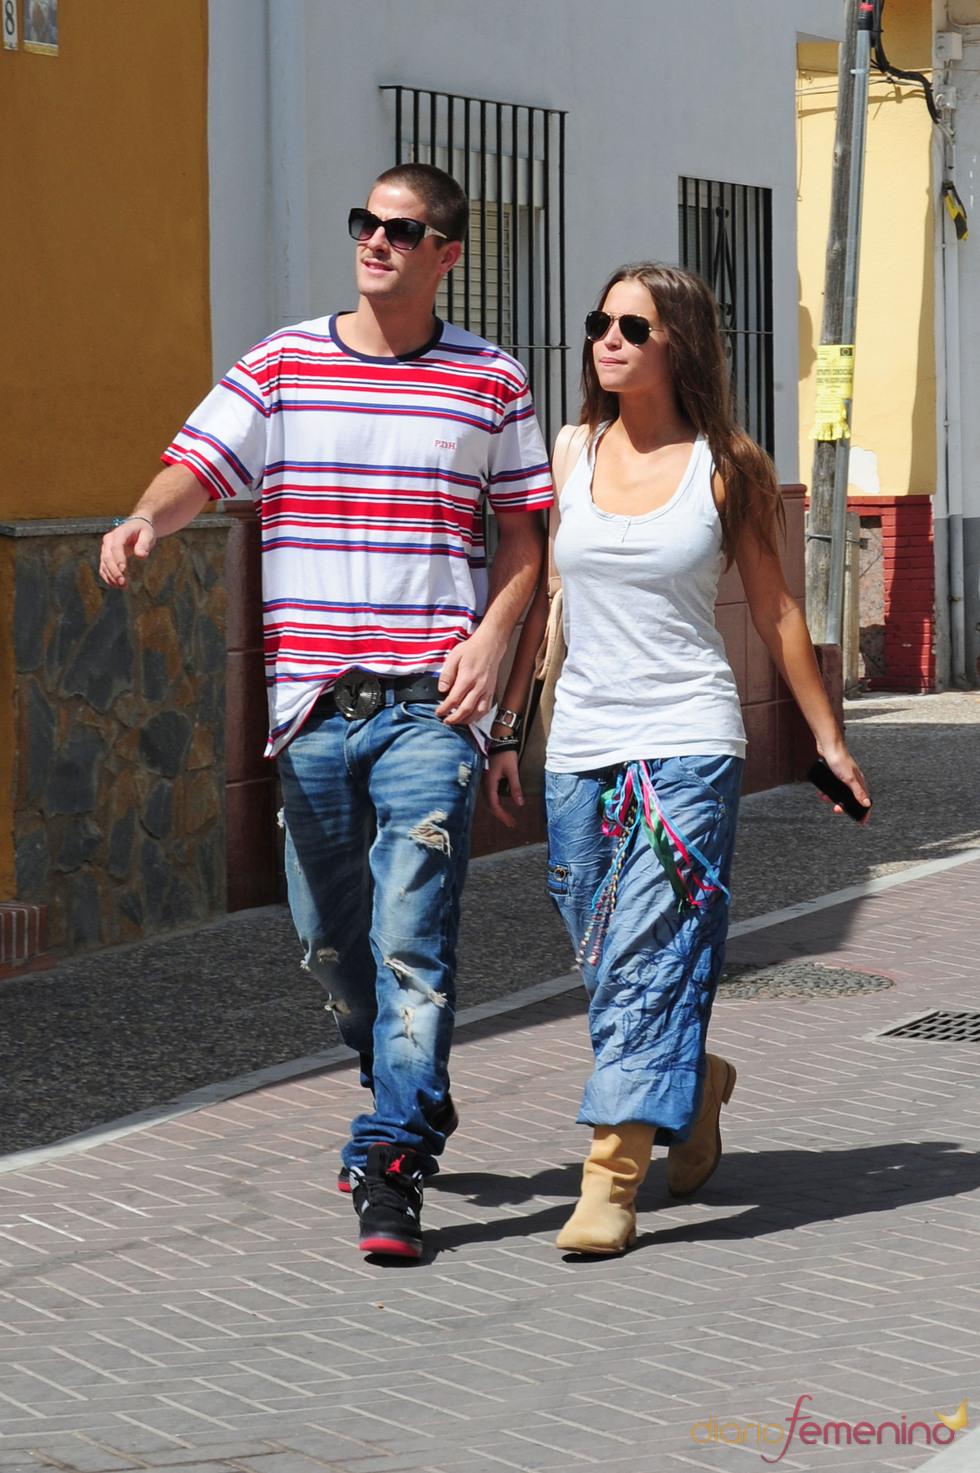 Ana Fernández y Luis Fernández por las calles de Málaga